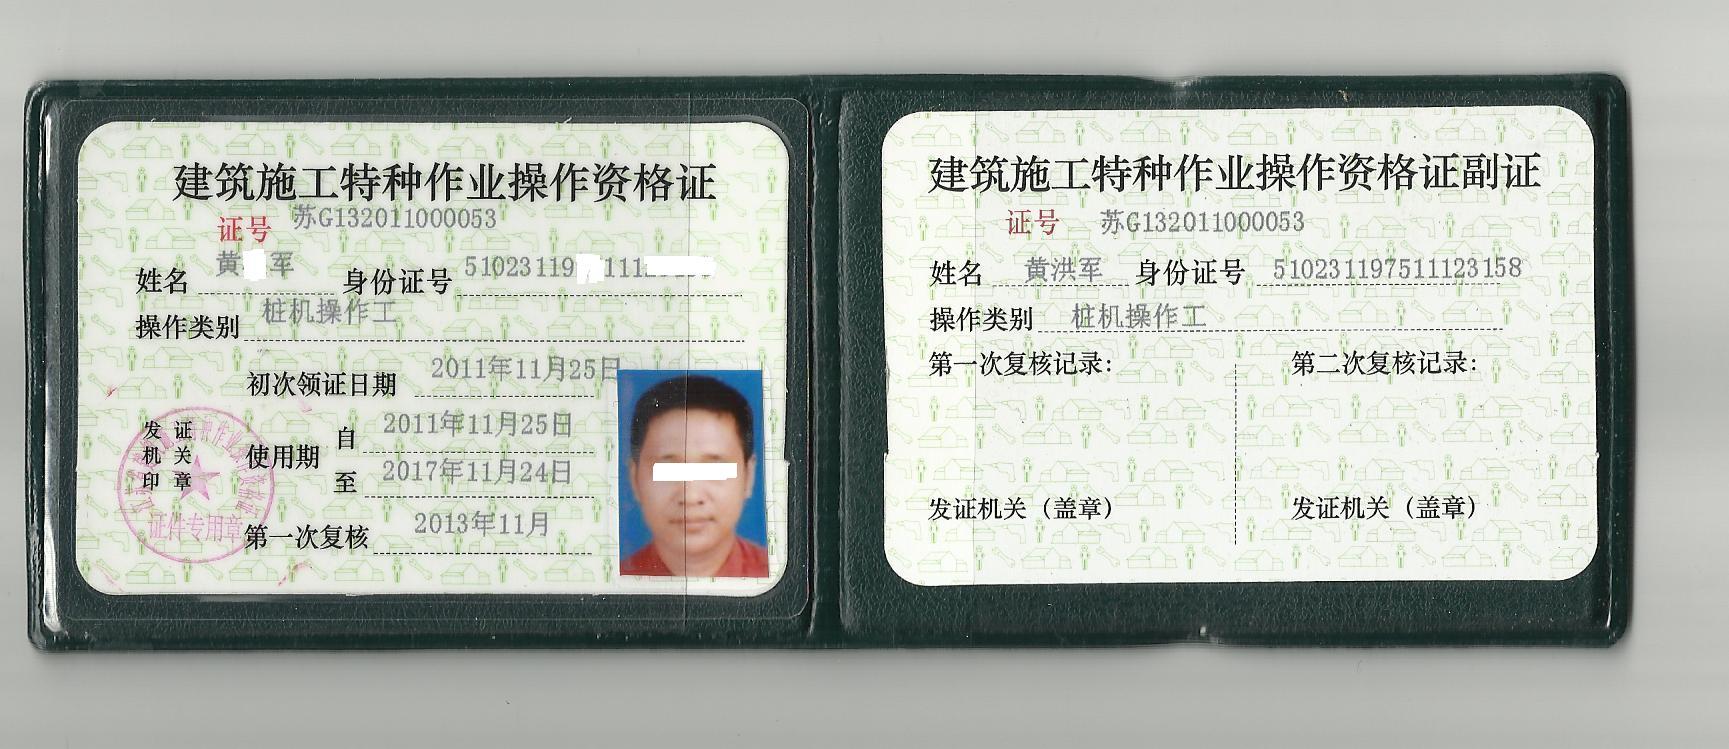 东莞深圳广州建筑架子工塔吊司机考证咨询